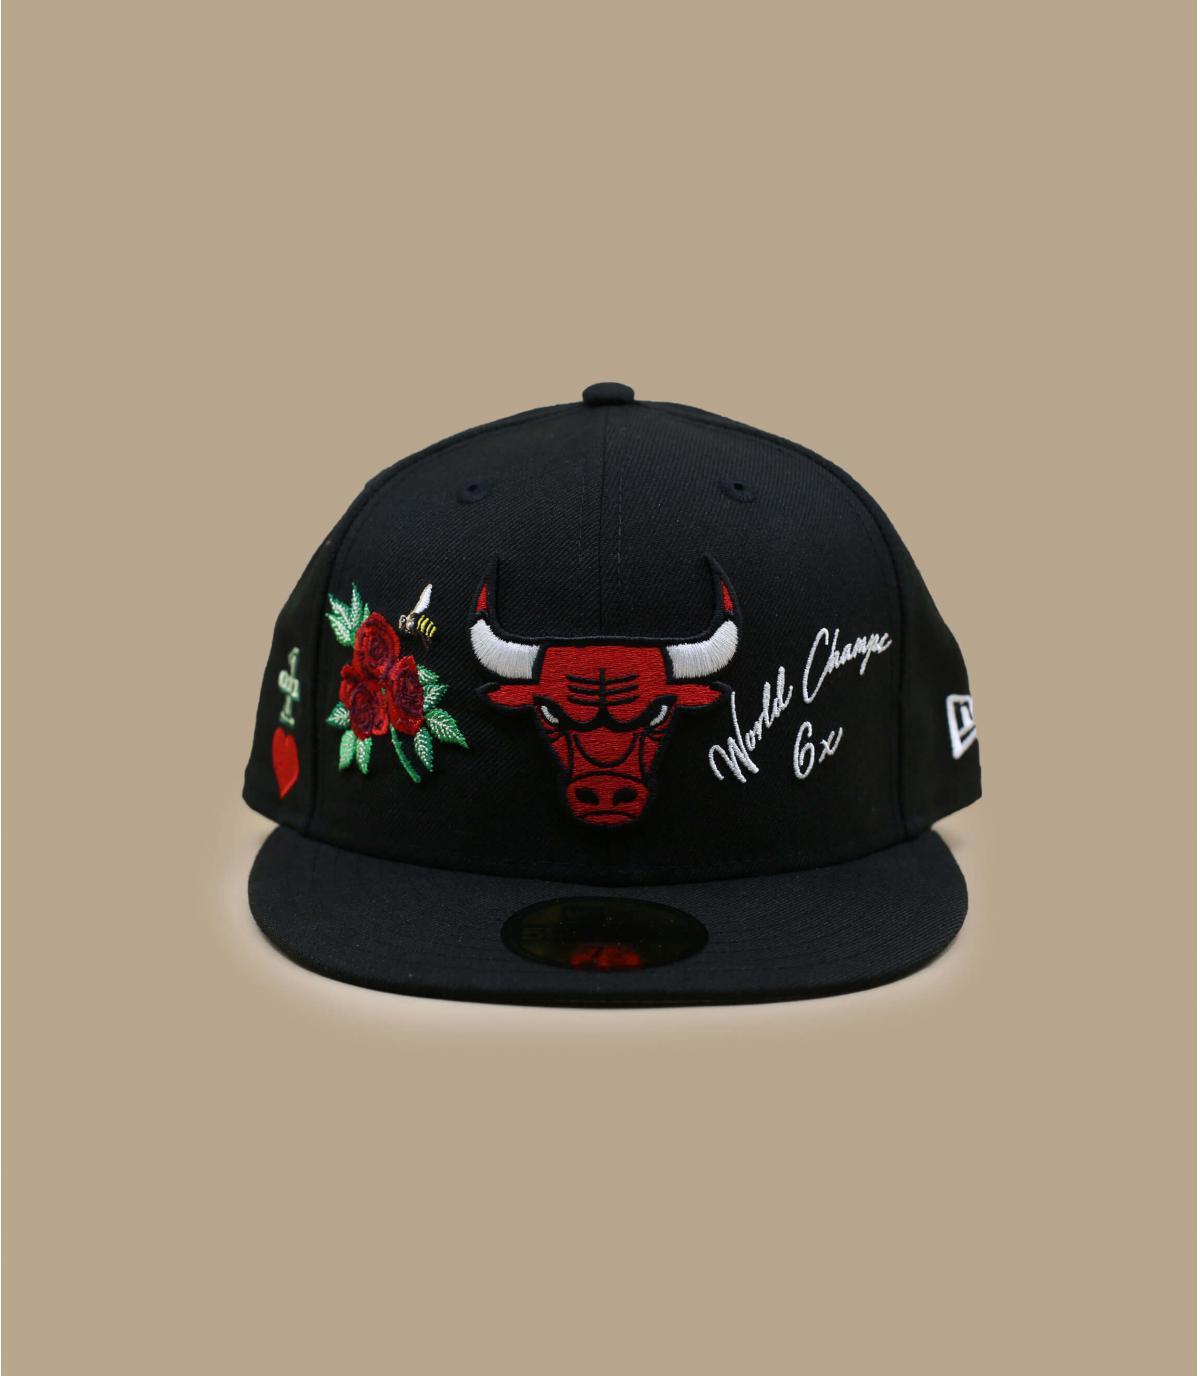 Details Quickturn Bulls 5950 - afbeeling 2